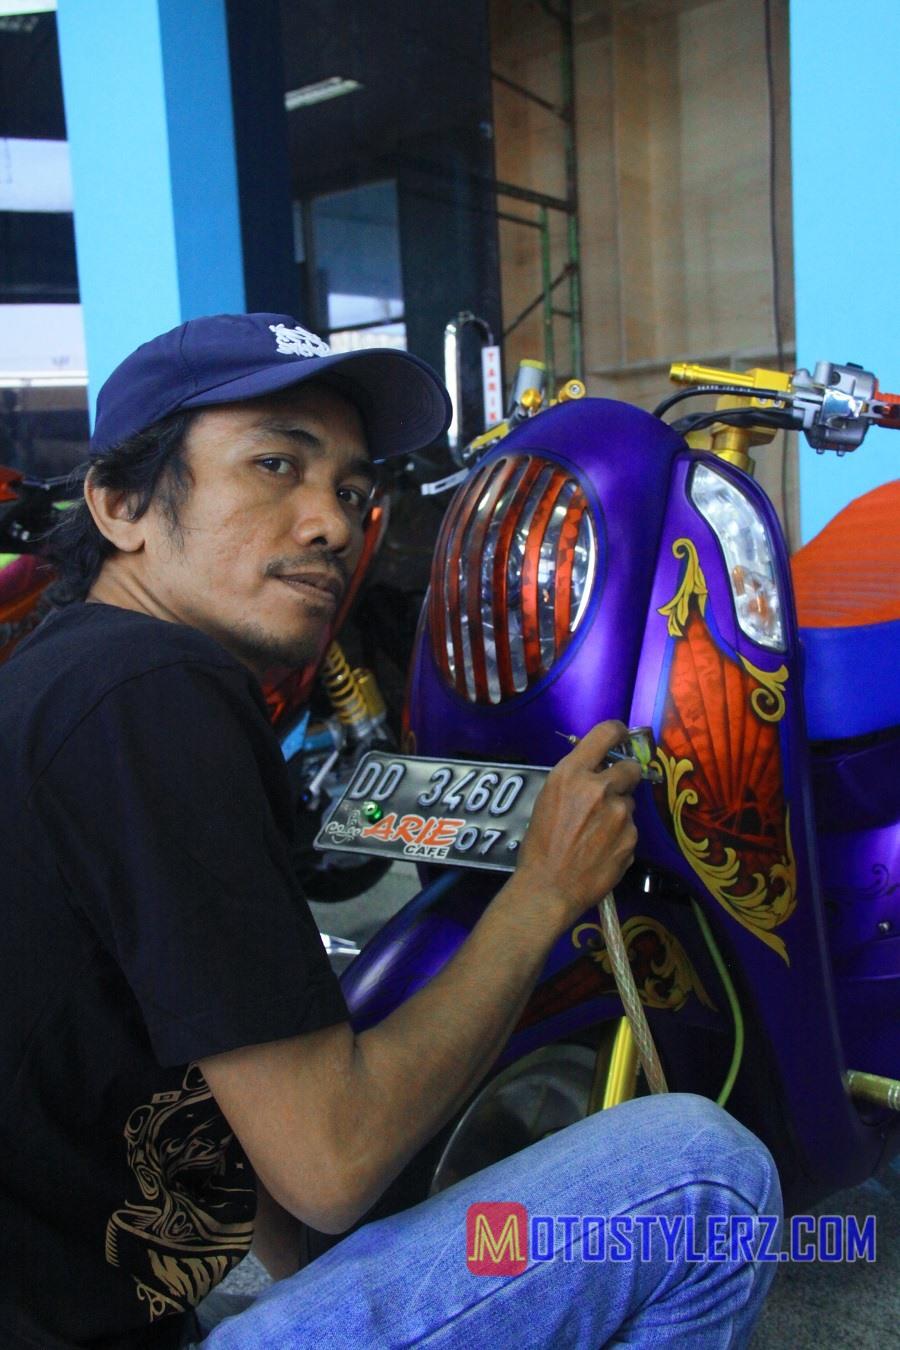 Roemahkoe Airbrush-Jadi Rujukan Modifstylerz Makassar